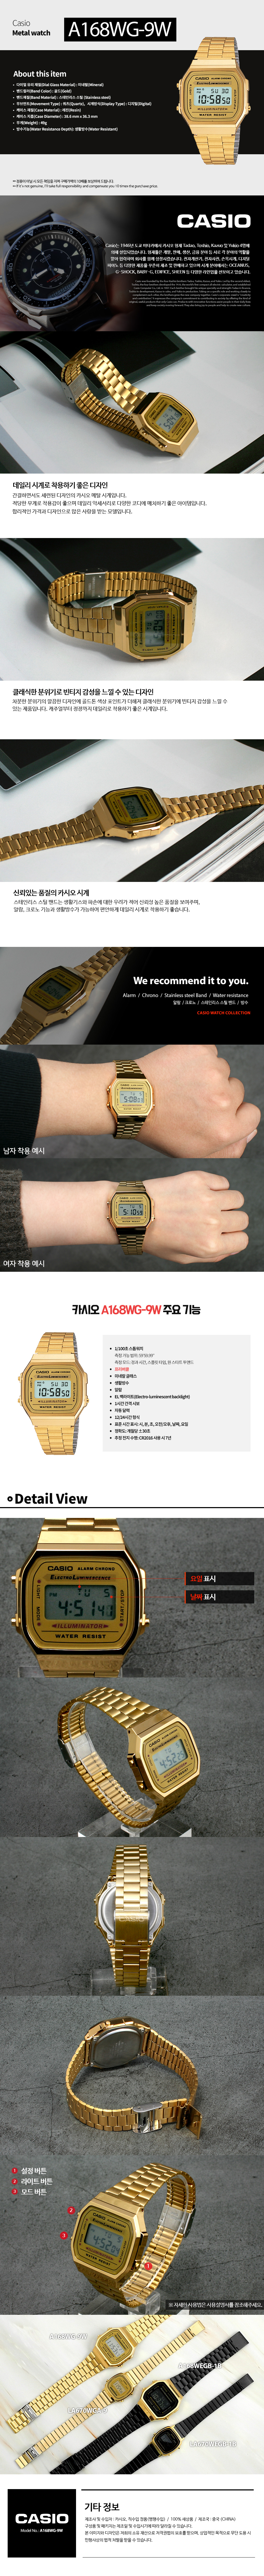 카시오(CASIO) A168WG-9W 남성 빈티지 메탈 손목 시계